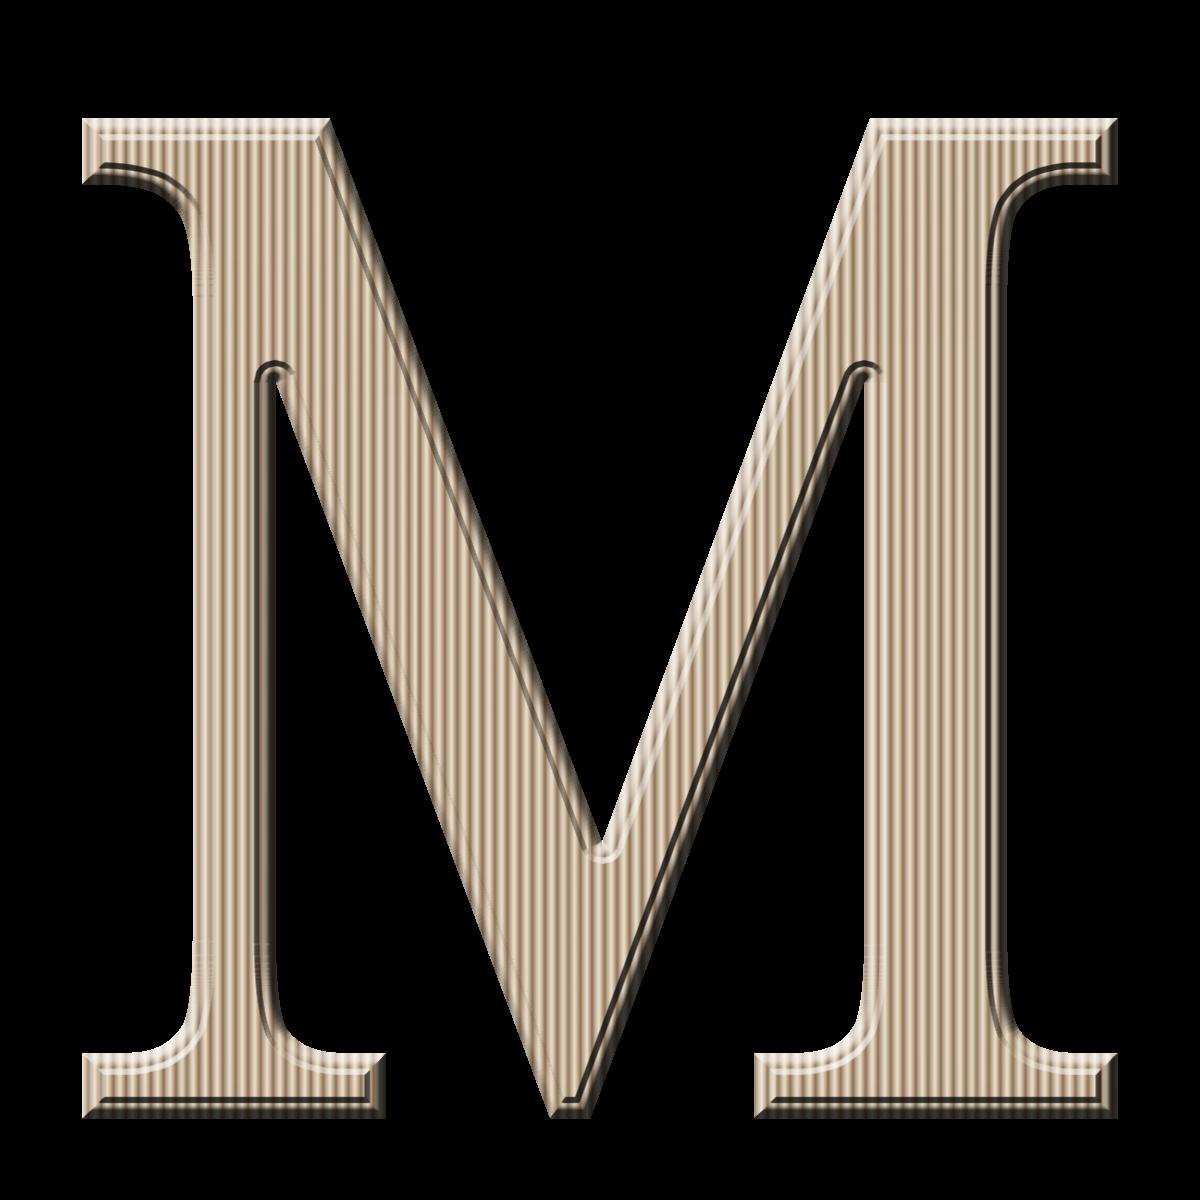 m  - photo #14